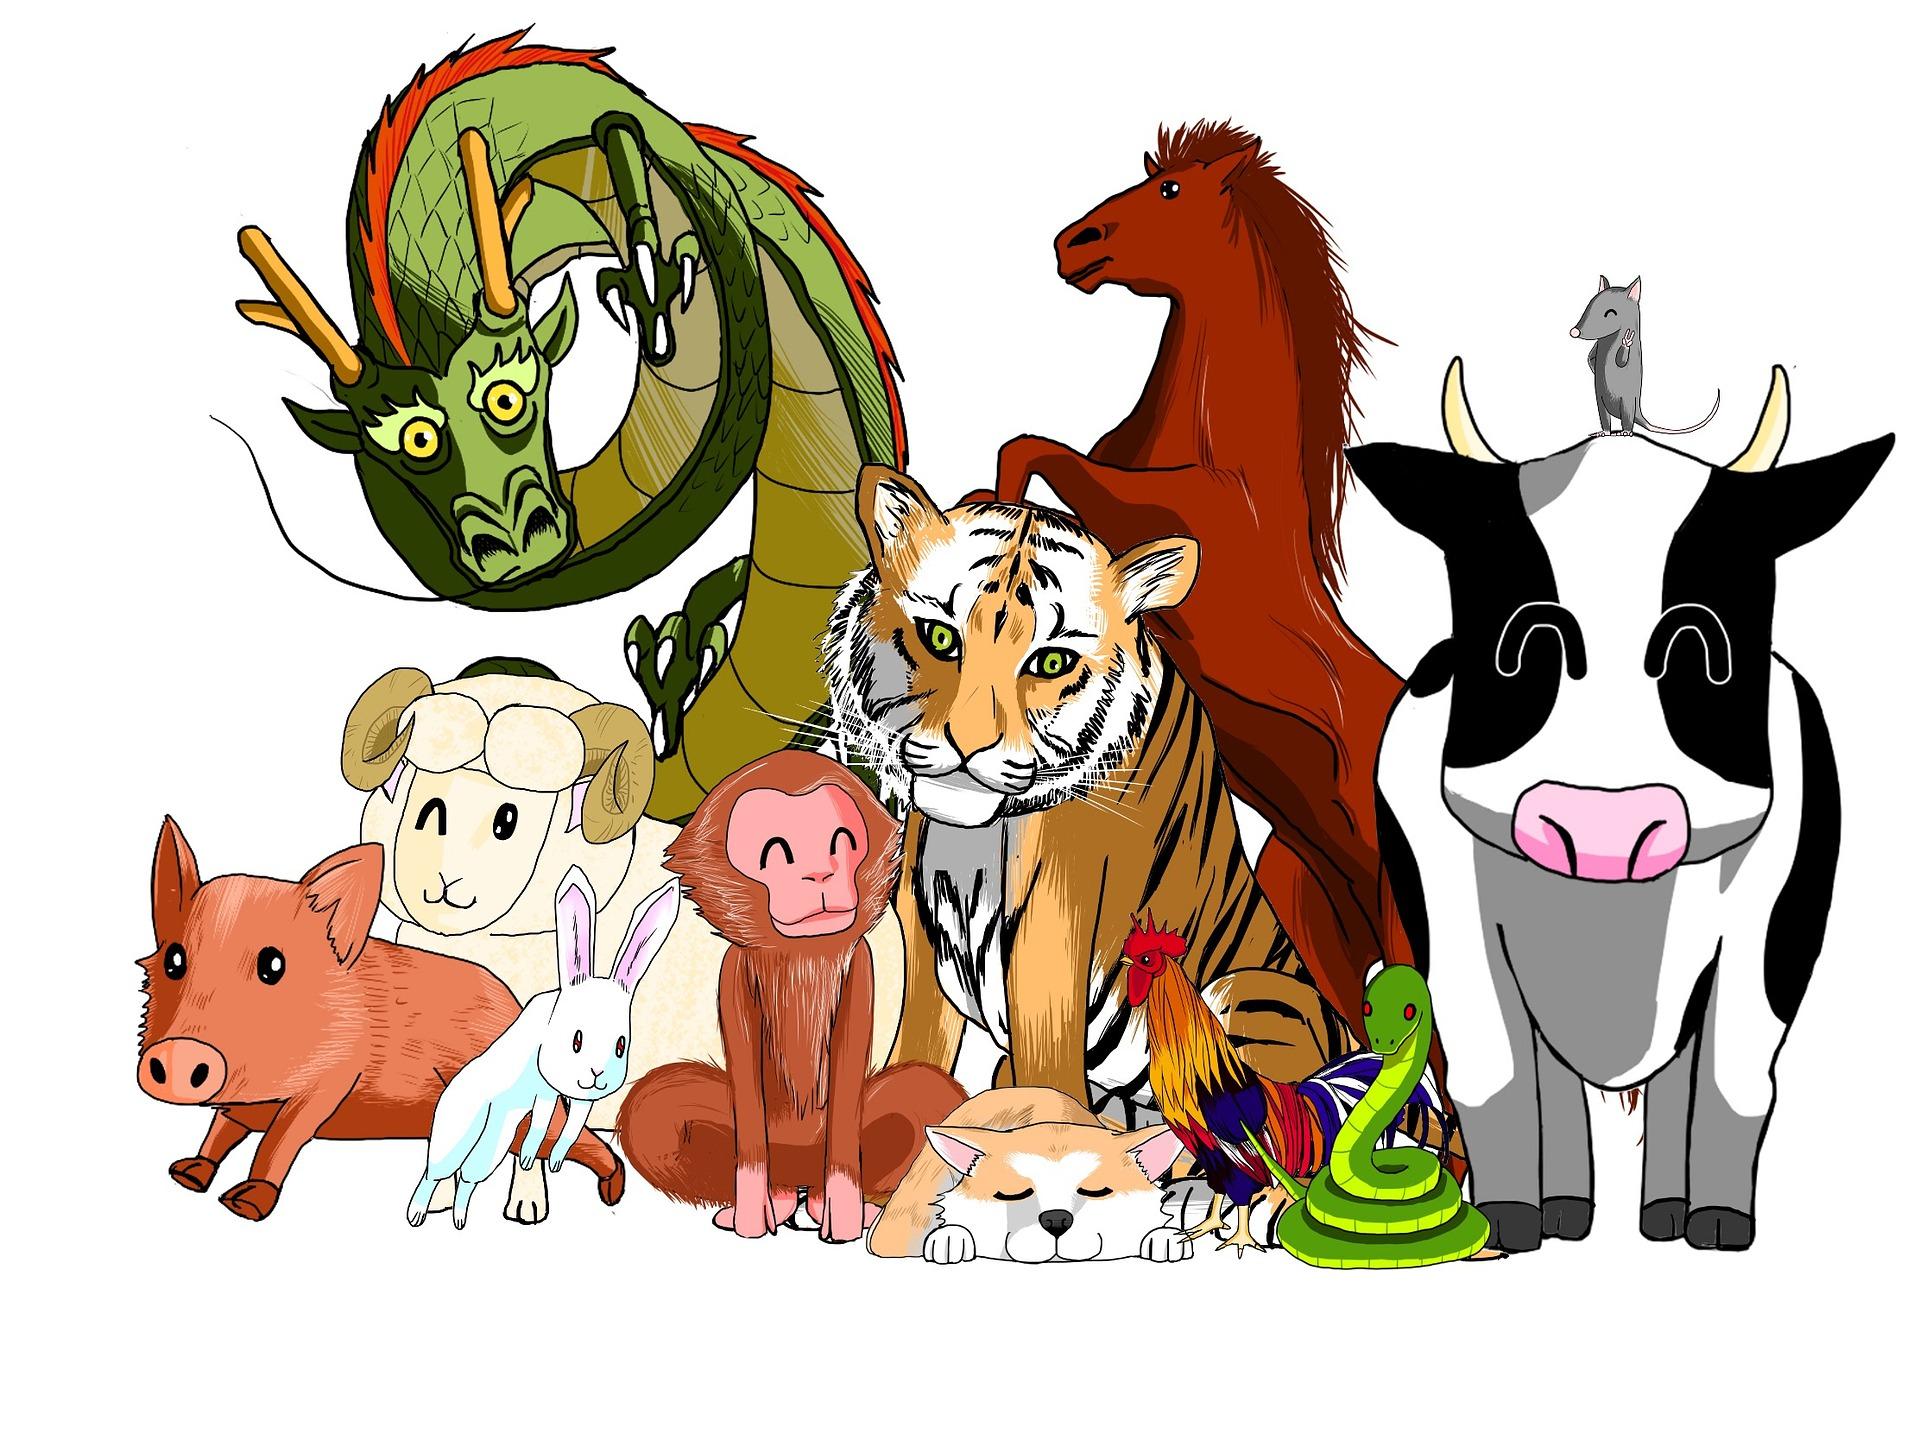 los doce animales del zodiaco chino